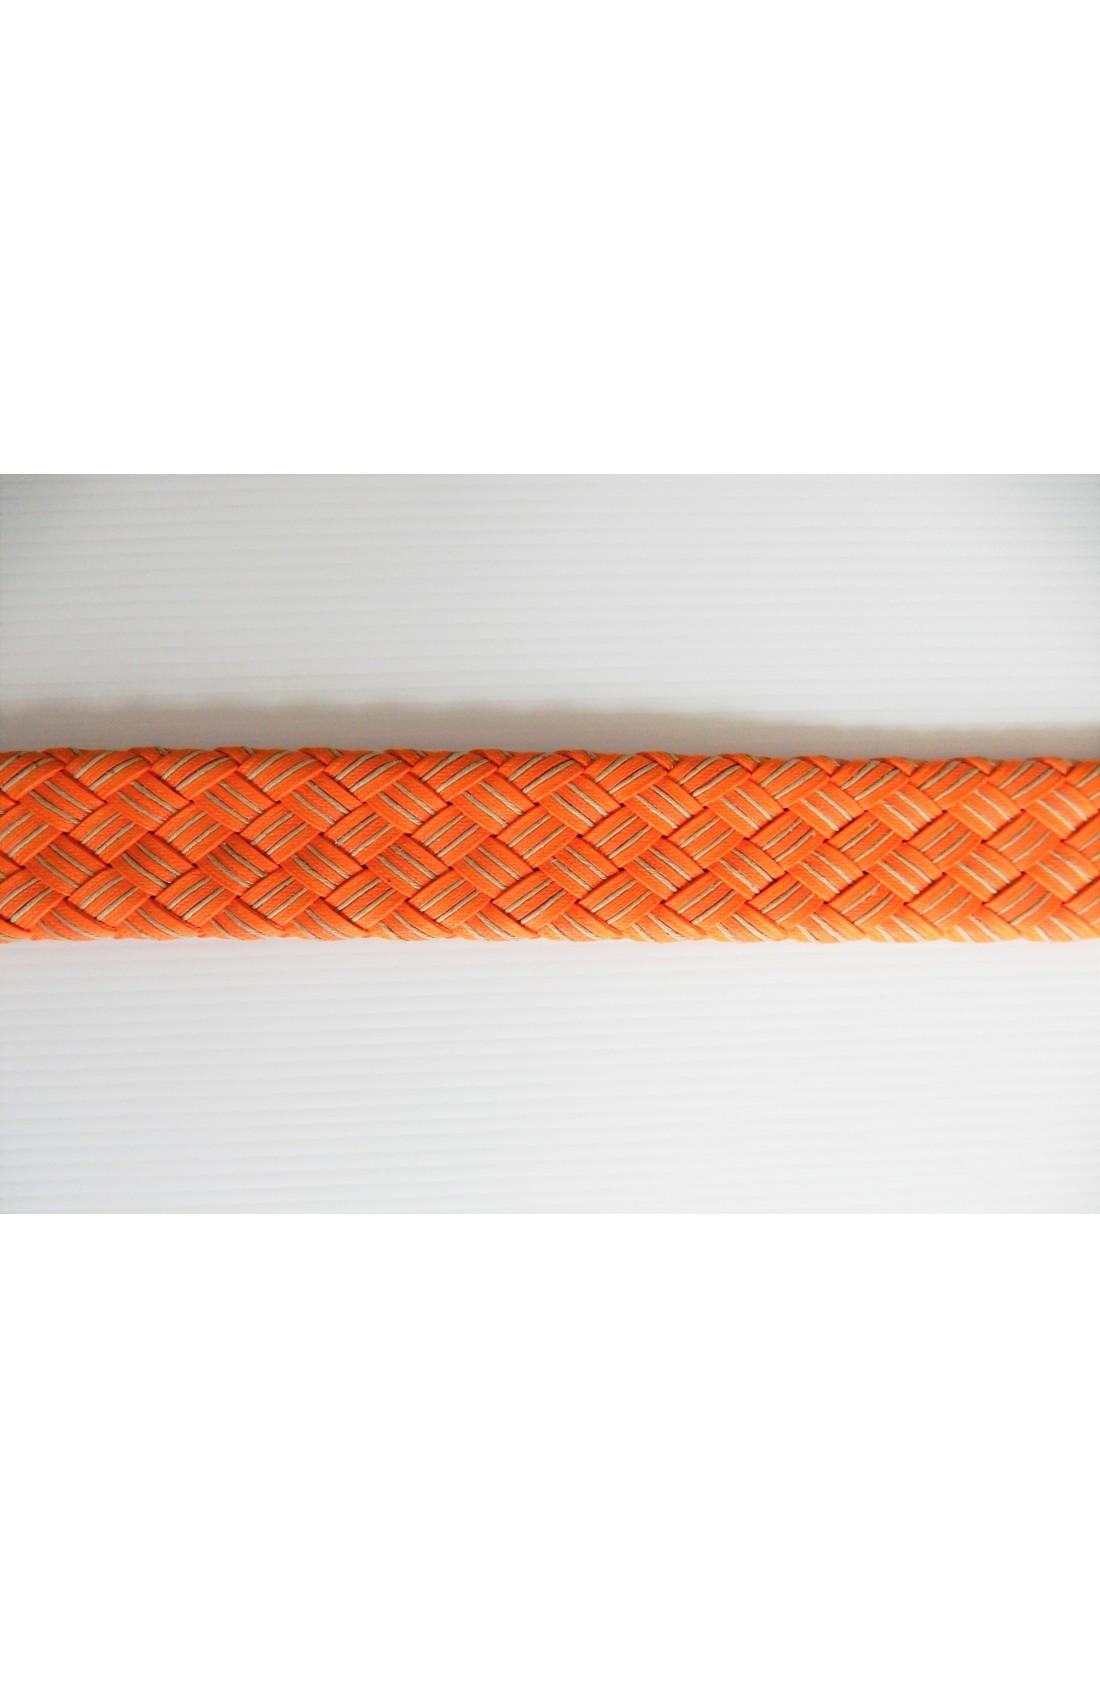 art. 99 INTRECCIO DUE RIGHE mm.40 col. arancione - taupe (3)